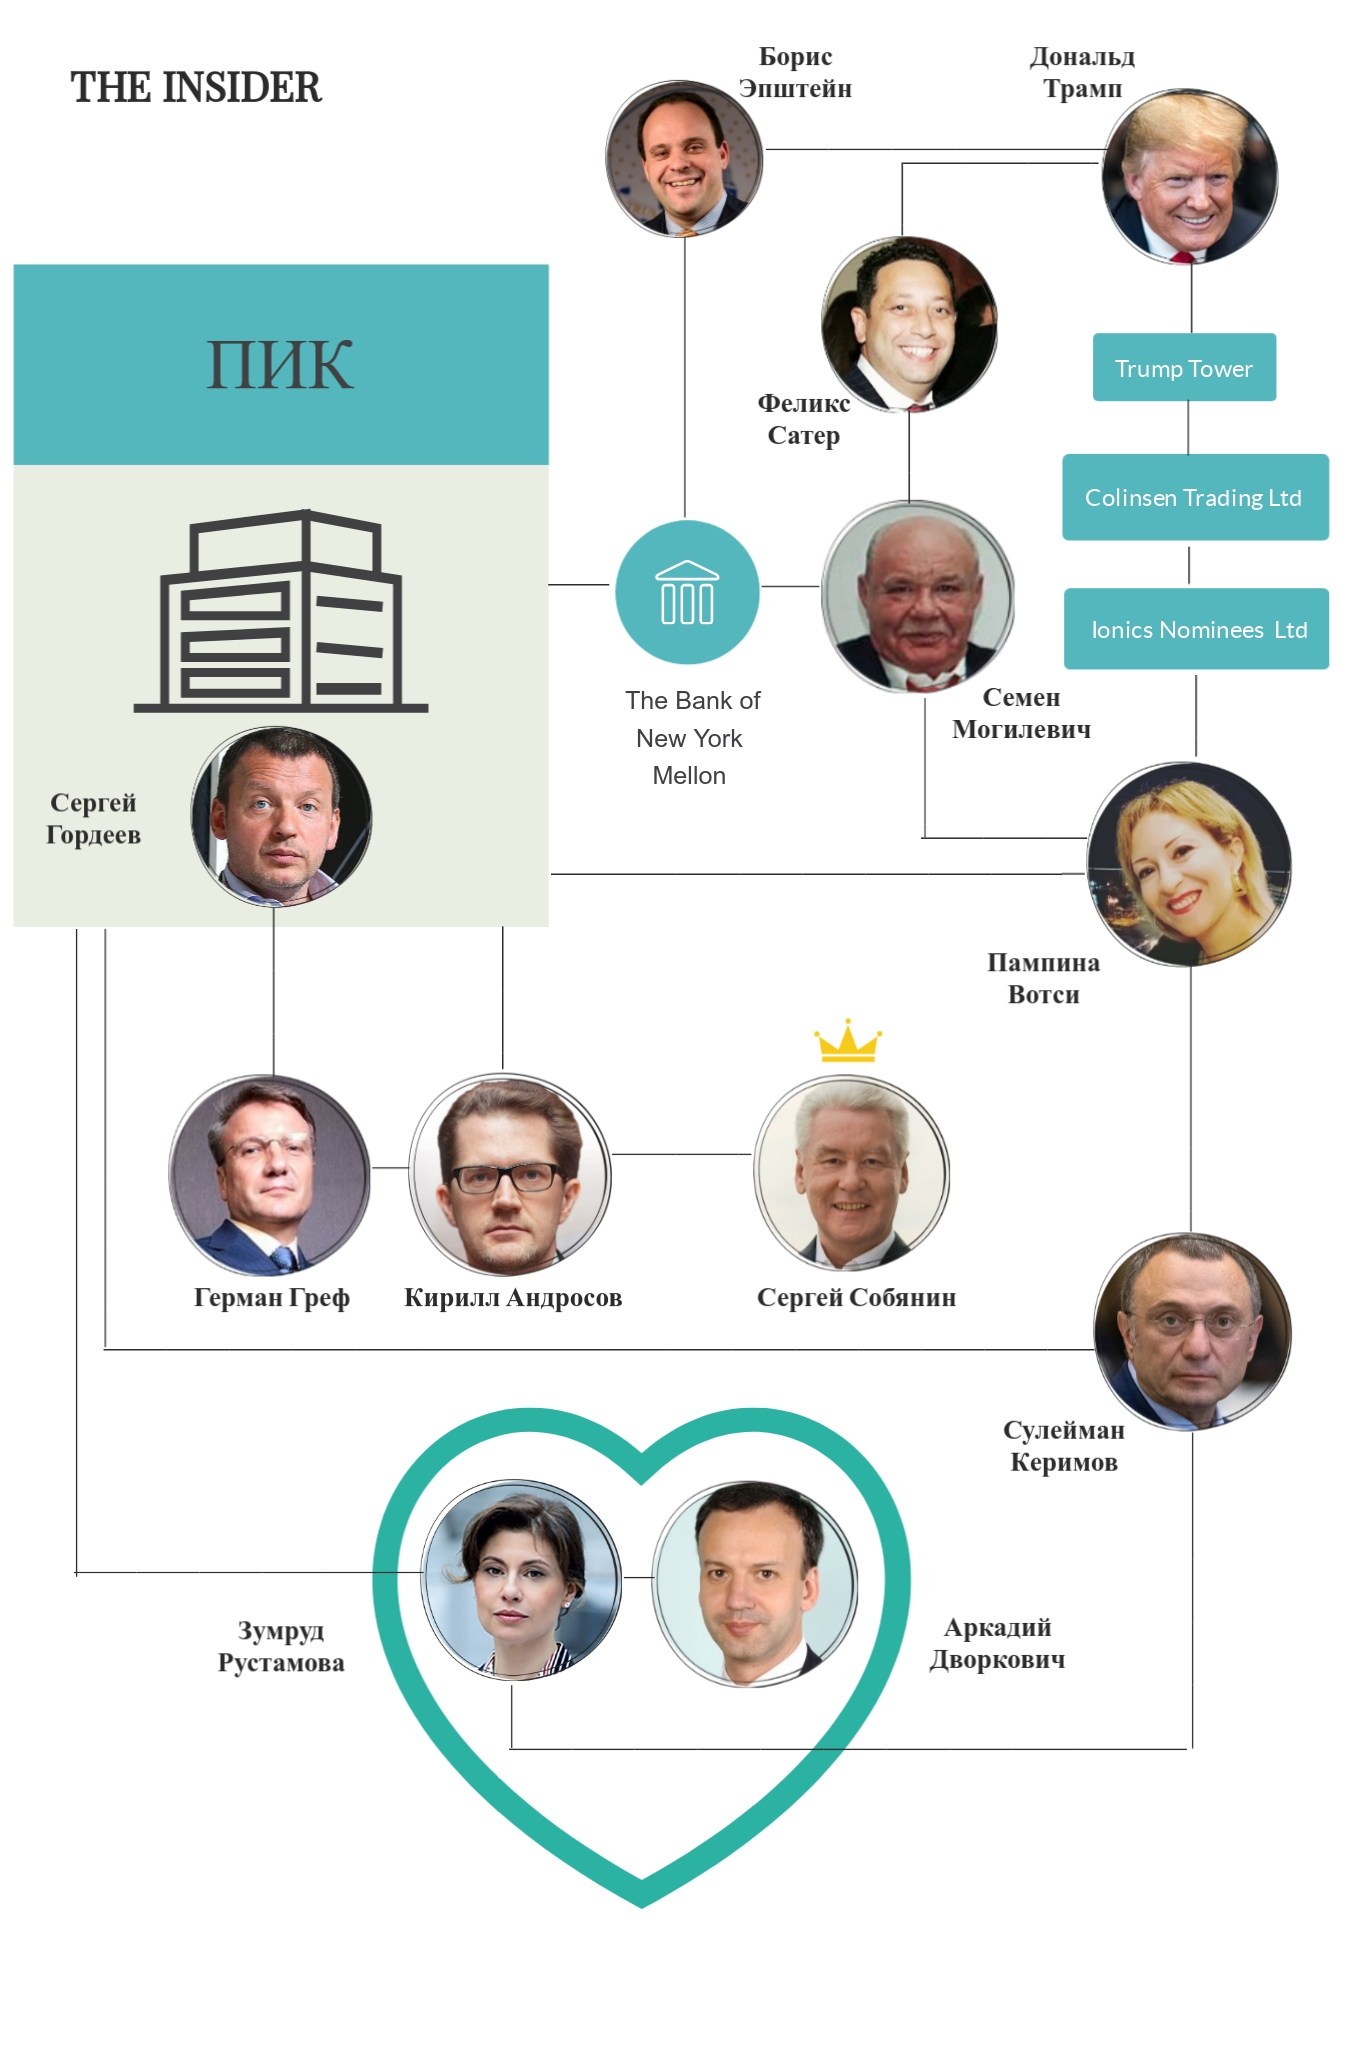 В ПИКу москвичам. Как главный застройщик столицы связан с мафией, Собяниным и Трампом